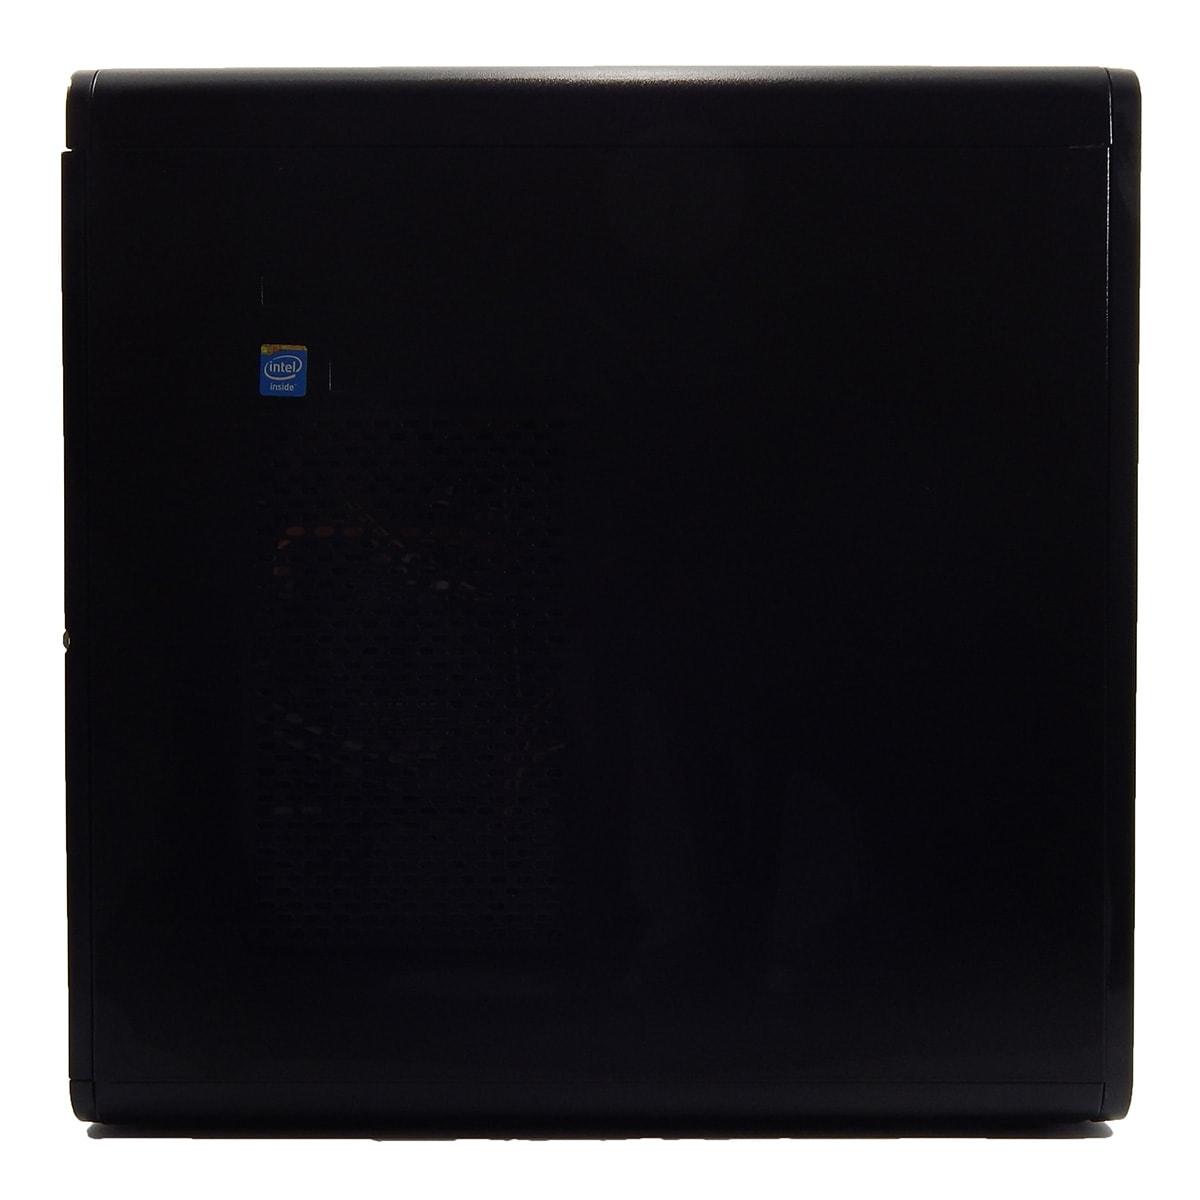 PC POSITIVO Premium PCTV K2970 Celeron 847 4Gb 500Gb DVD - Reembalado